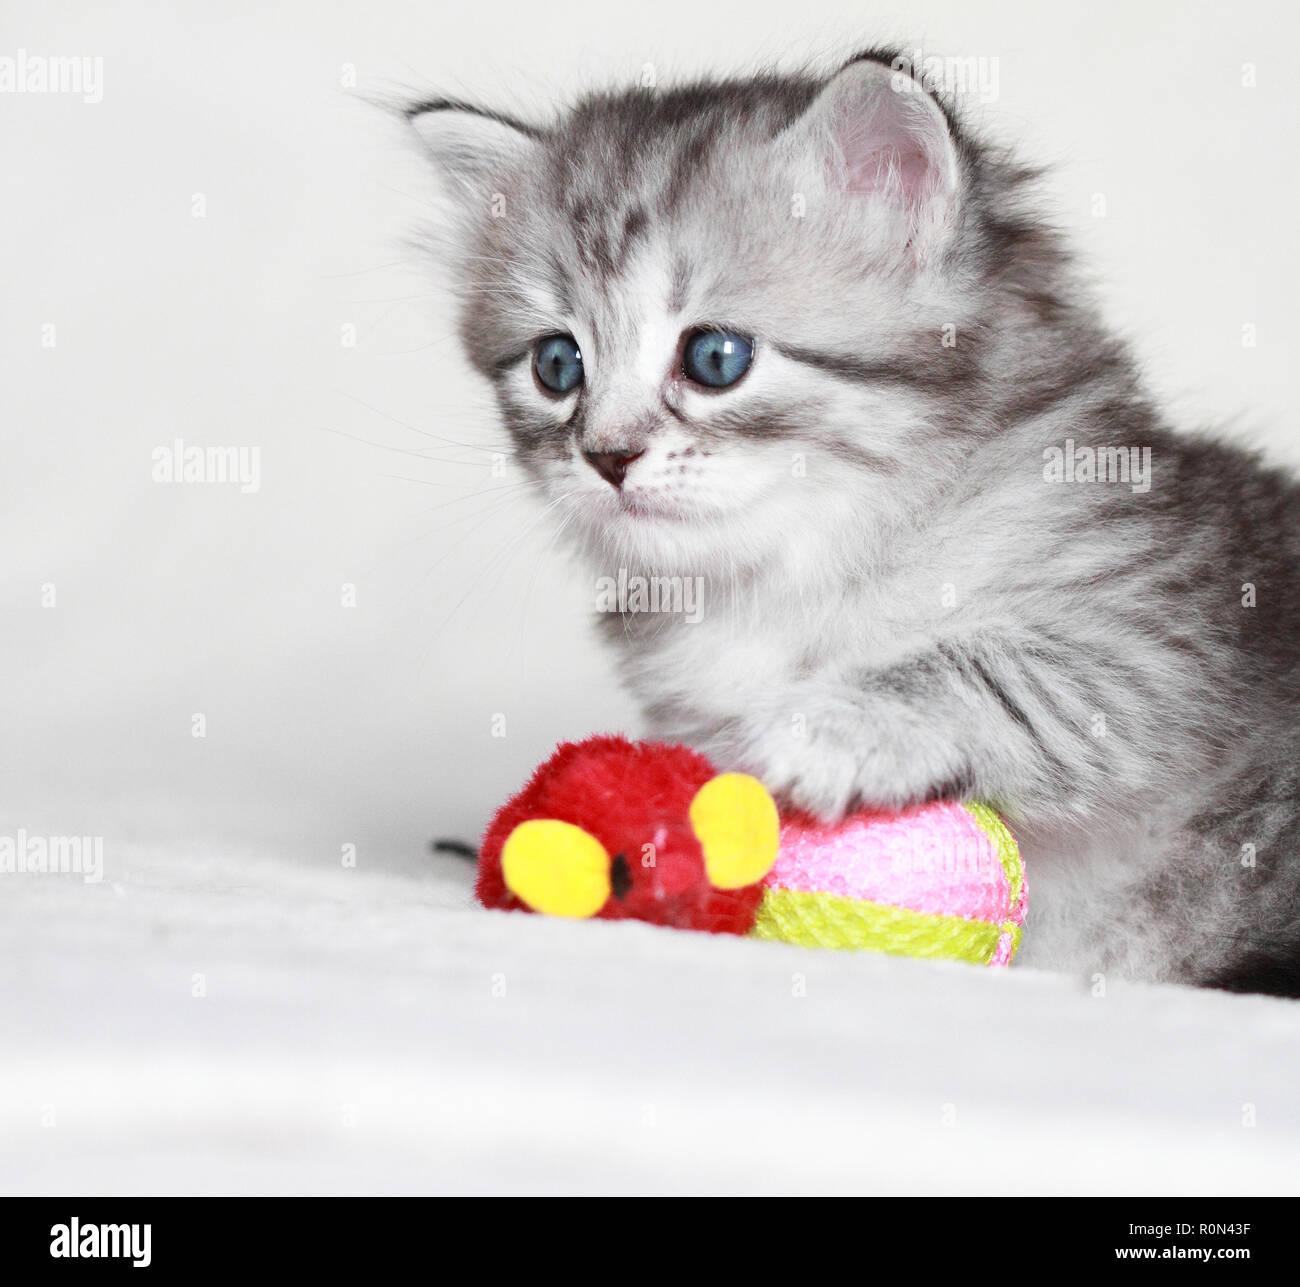 Cachorro adorable gato jugando en horario de invierno Imagen De Stock